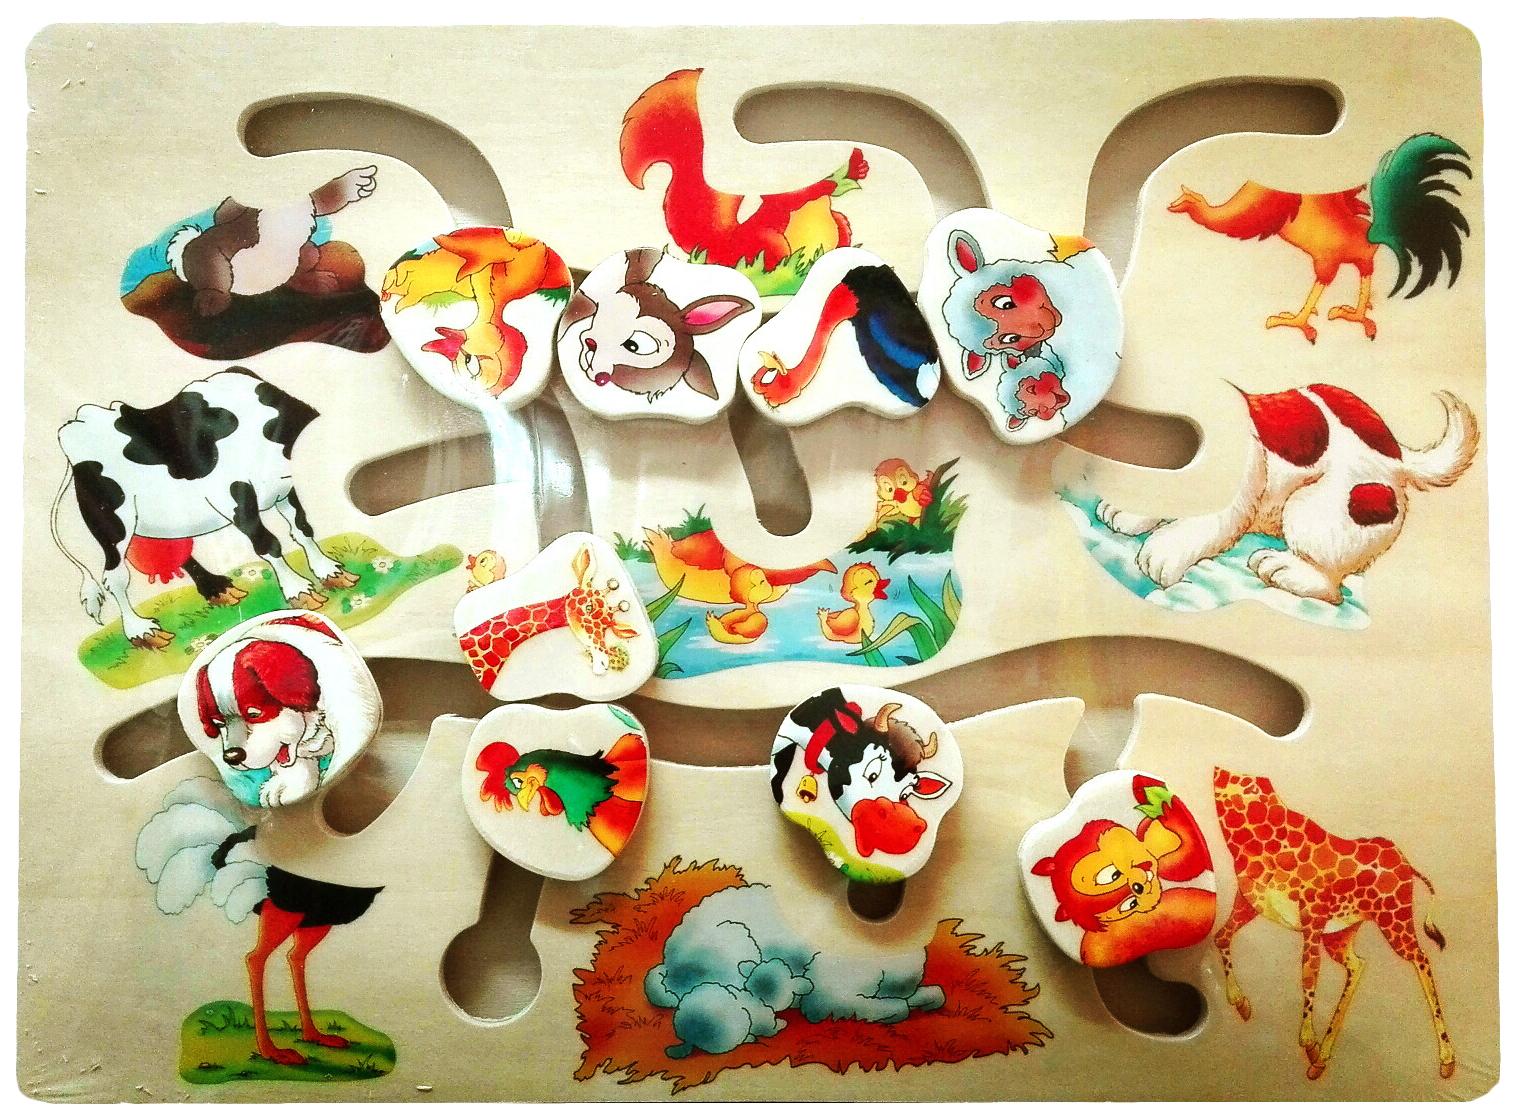 Купить Пазл Животные HJ98254Ak 10 деталей, Shantou Gepai, Пазлы для малышей